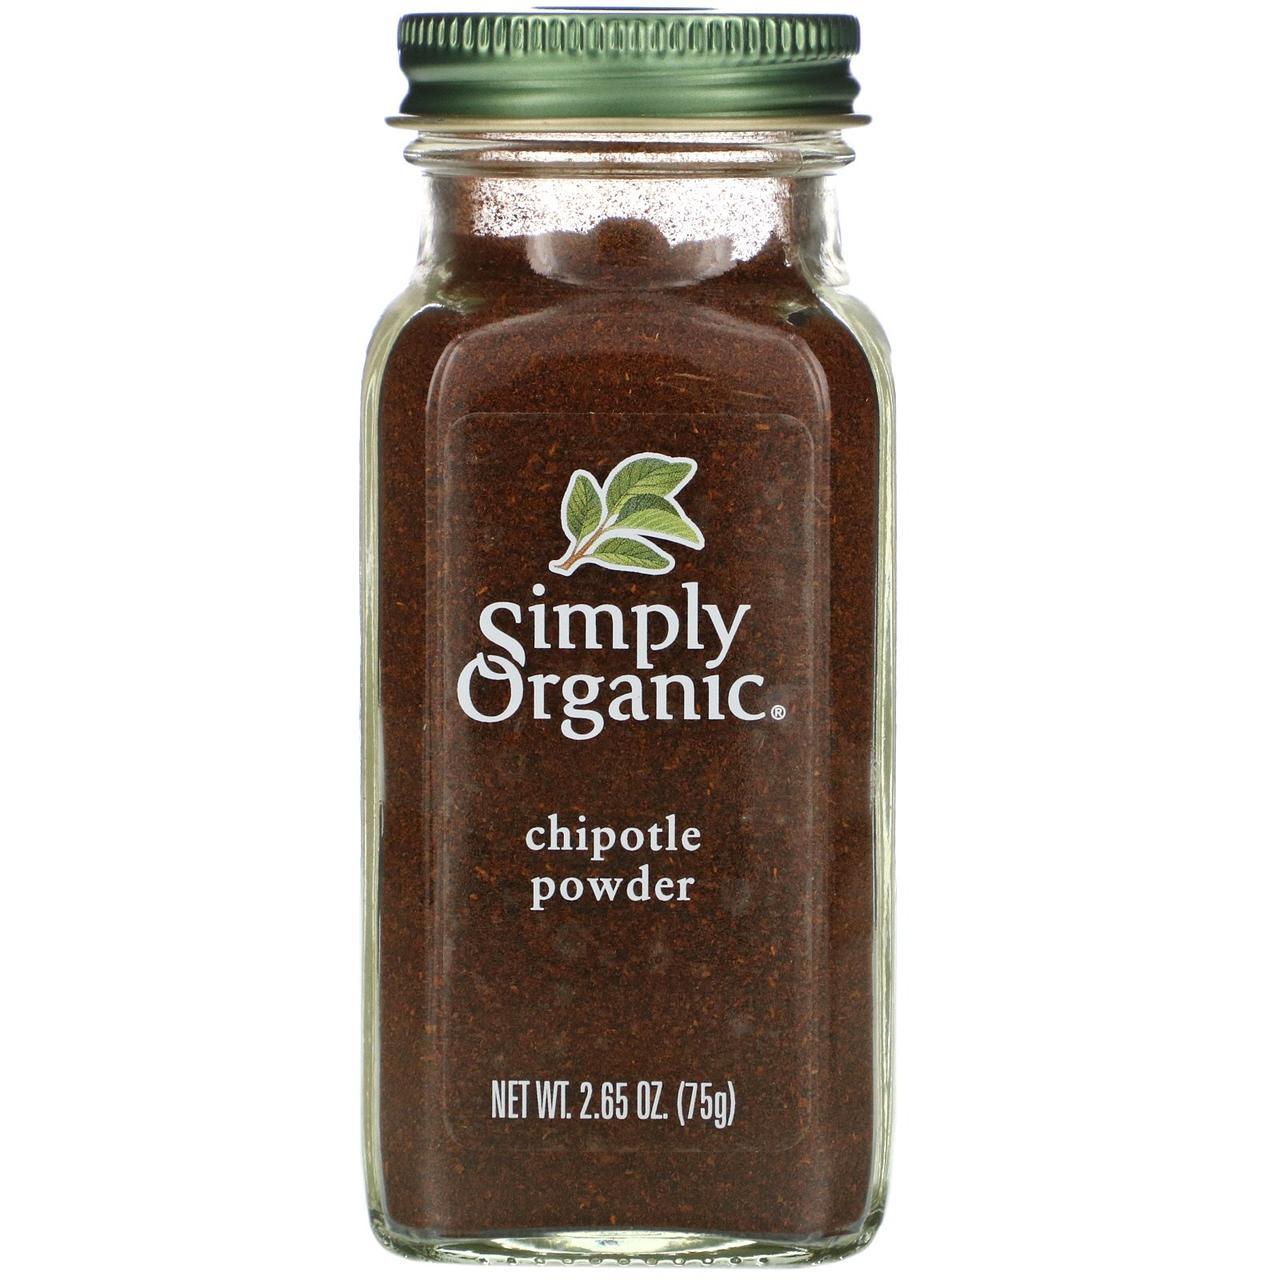 Перец халапеньо Simply Organic, органический порошок халапеньо, 75 г